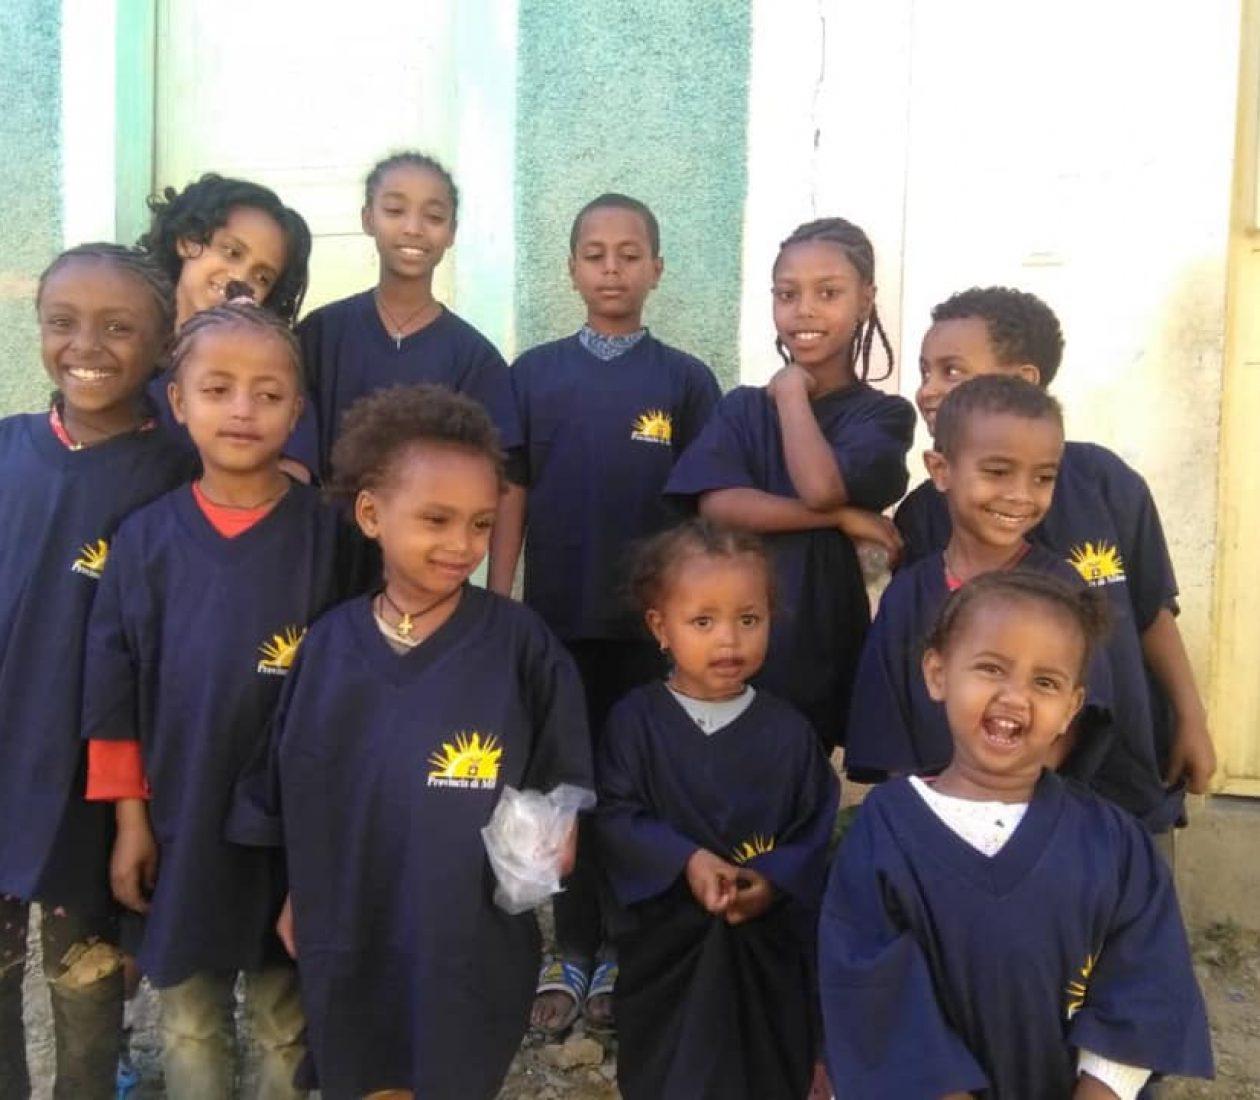 Un piccolo regalo per i bimbi etiopi di Makallé!